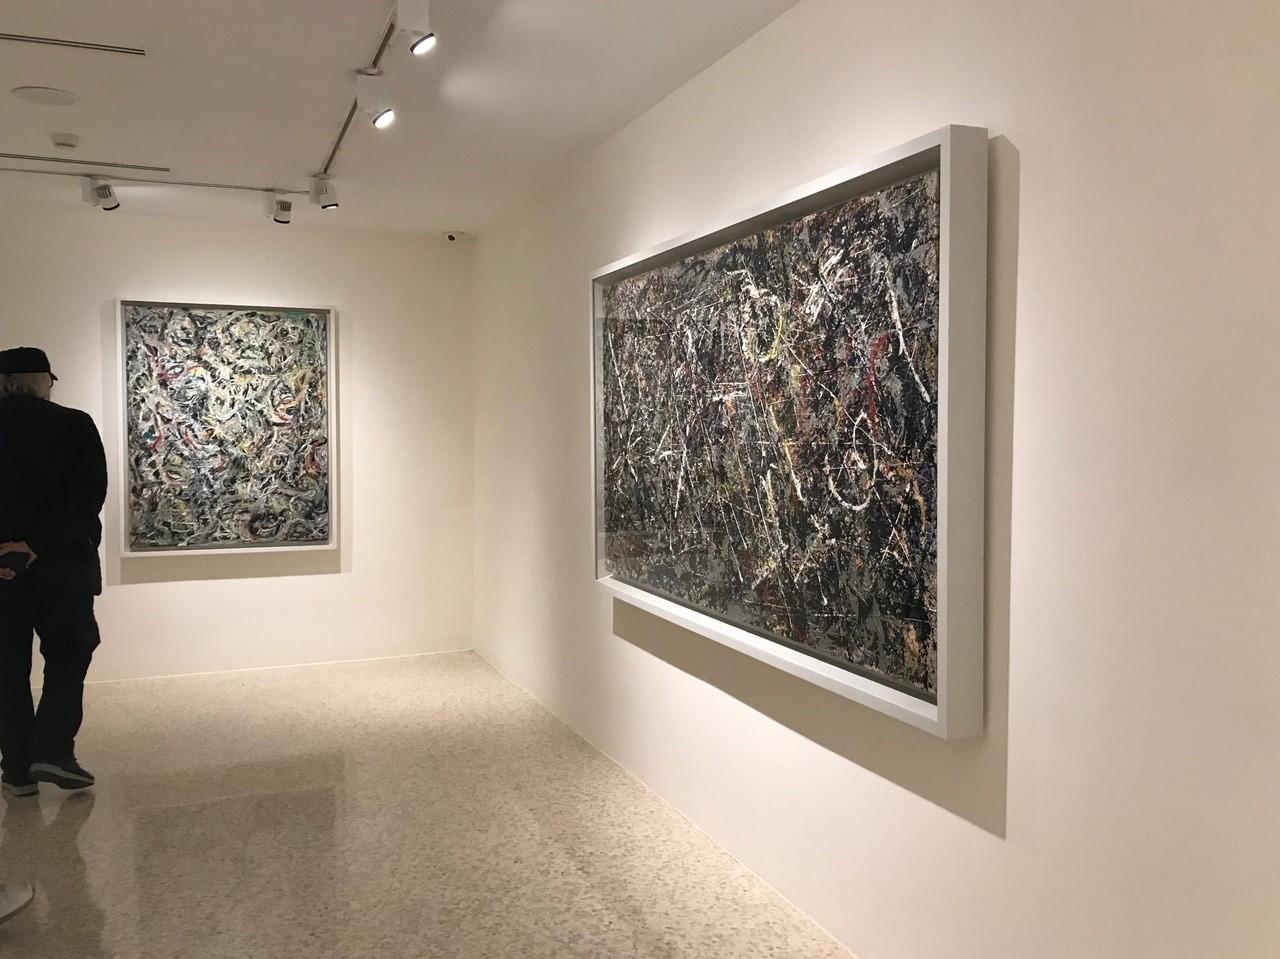 Una vita per l'arte. Peggy Guggenheim torna a casa con le sue opere veneziane, da Pollock a Bacon